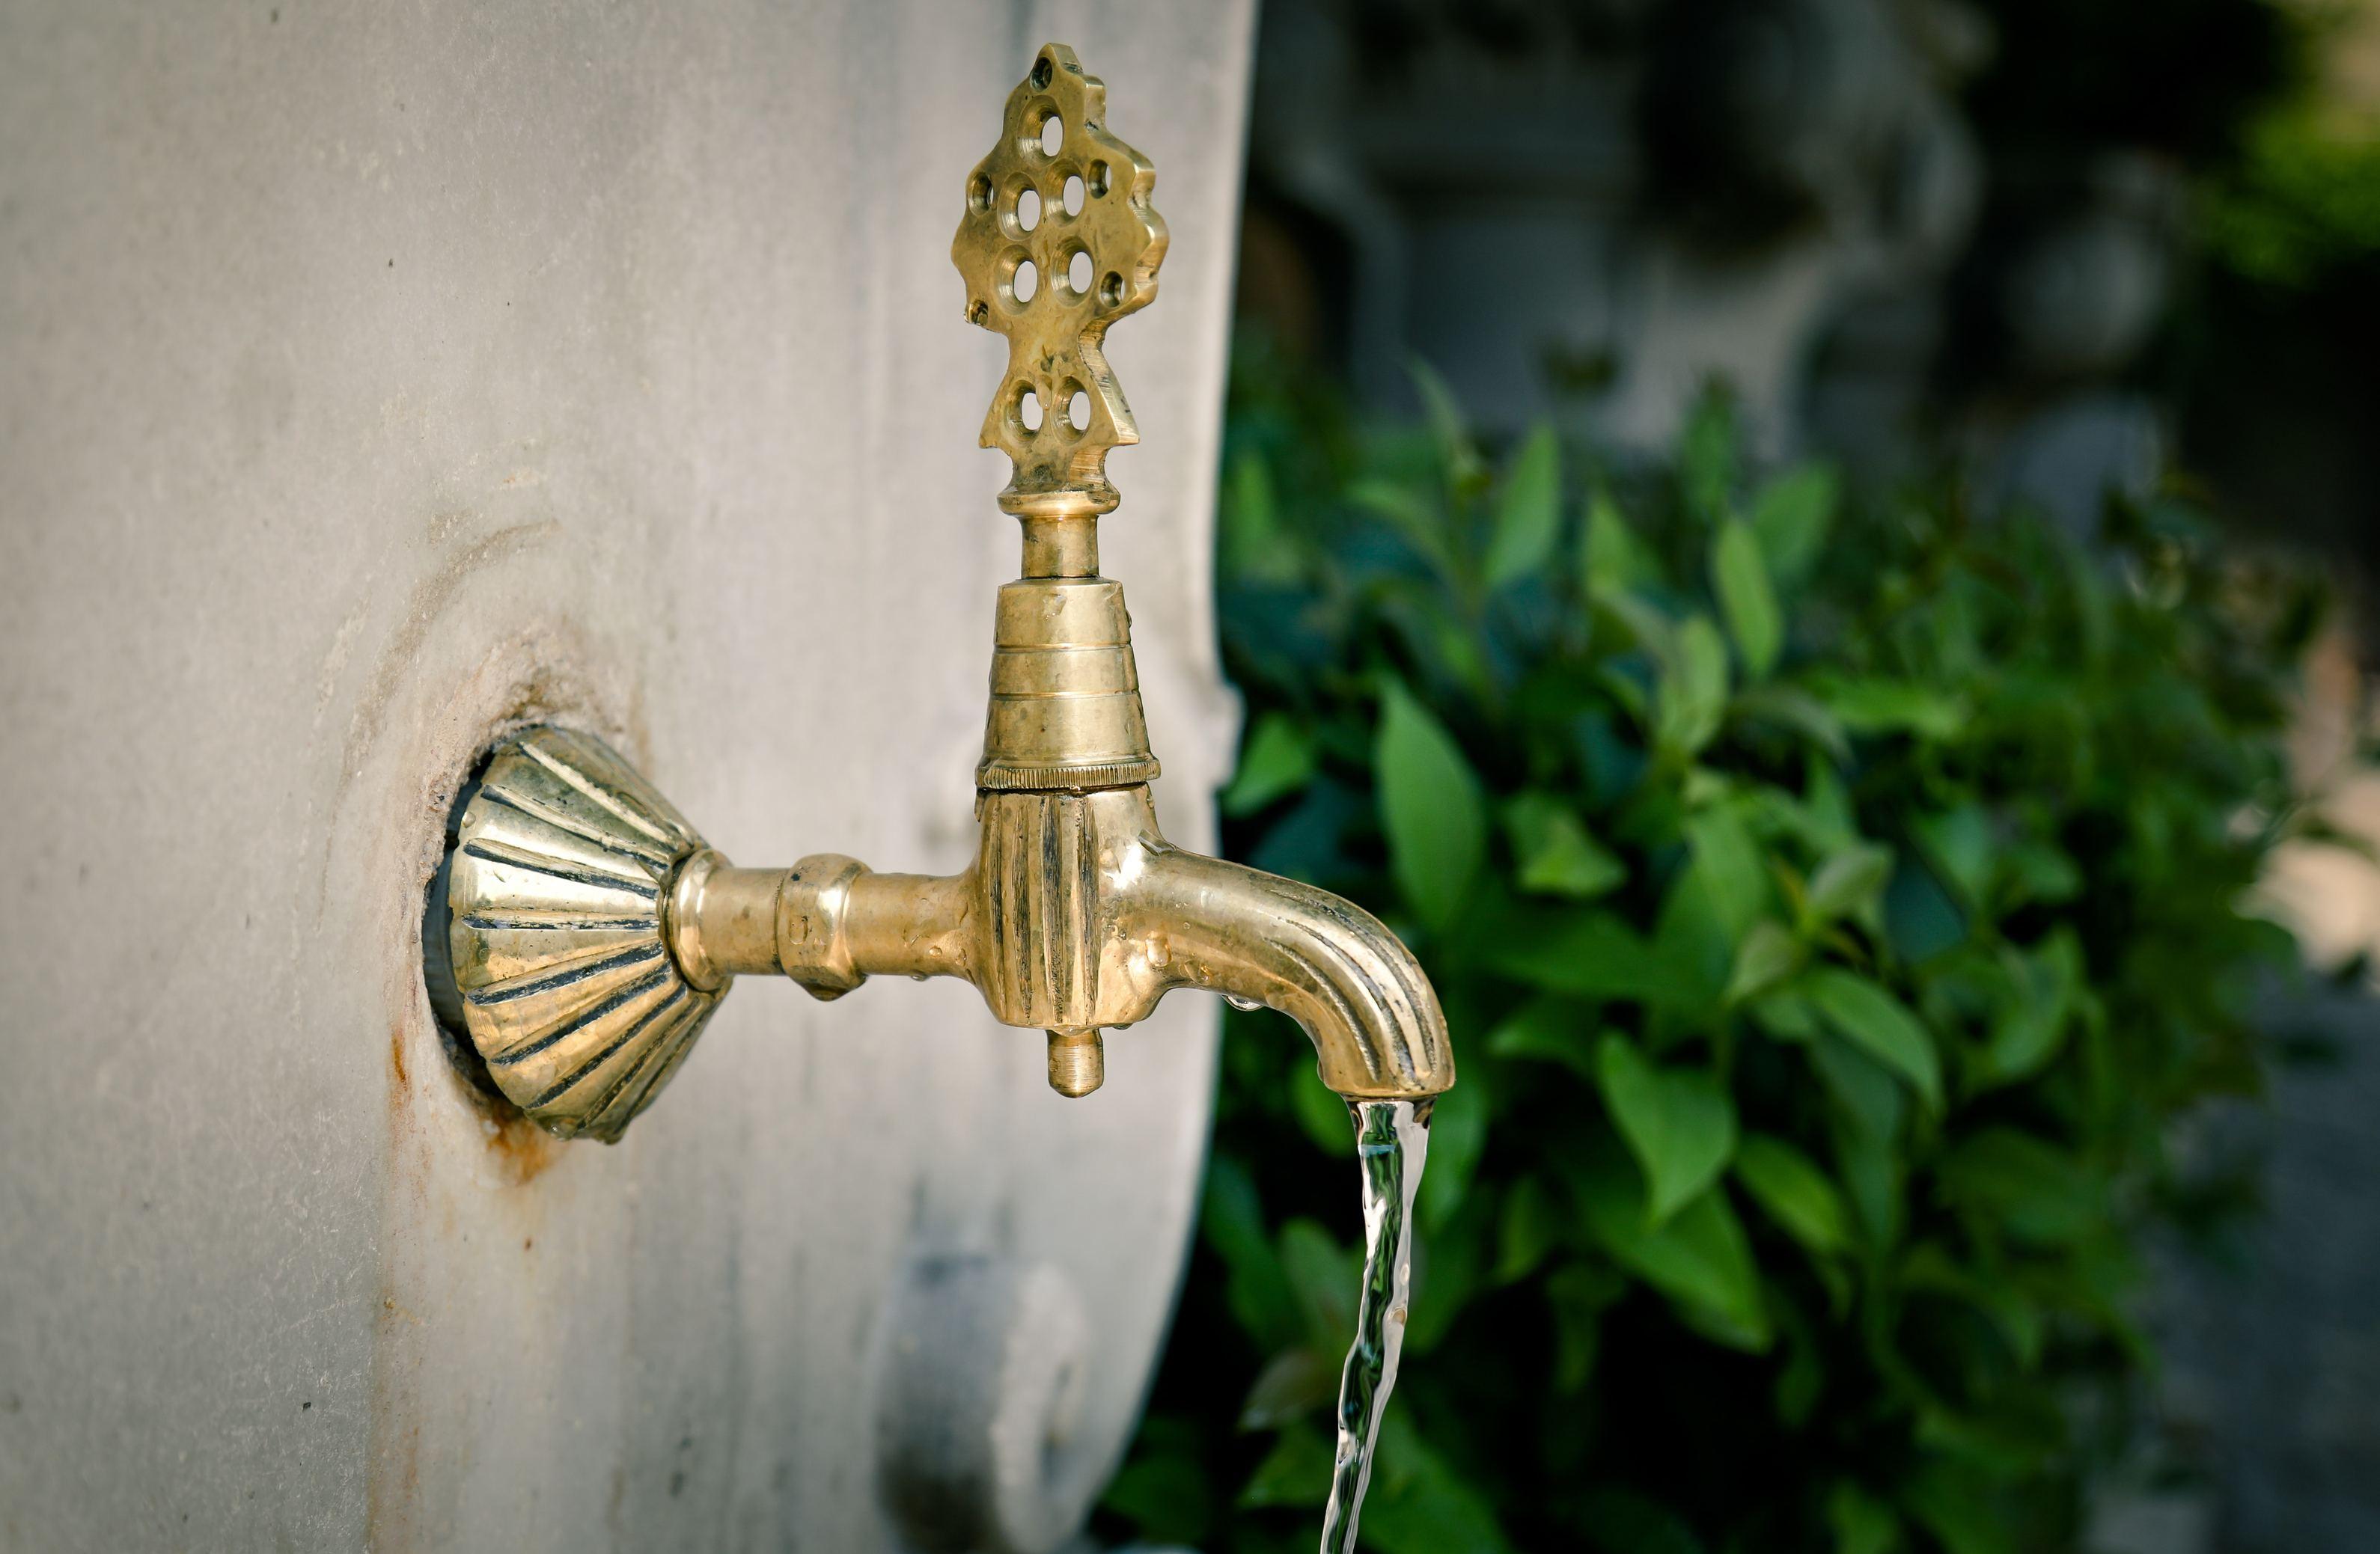 Goldener Wasserhahn am Brunnen mit fließend Wasser